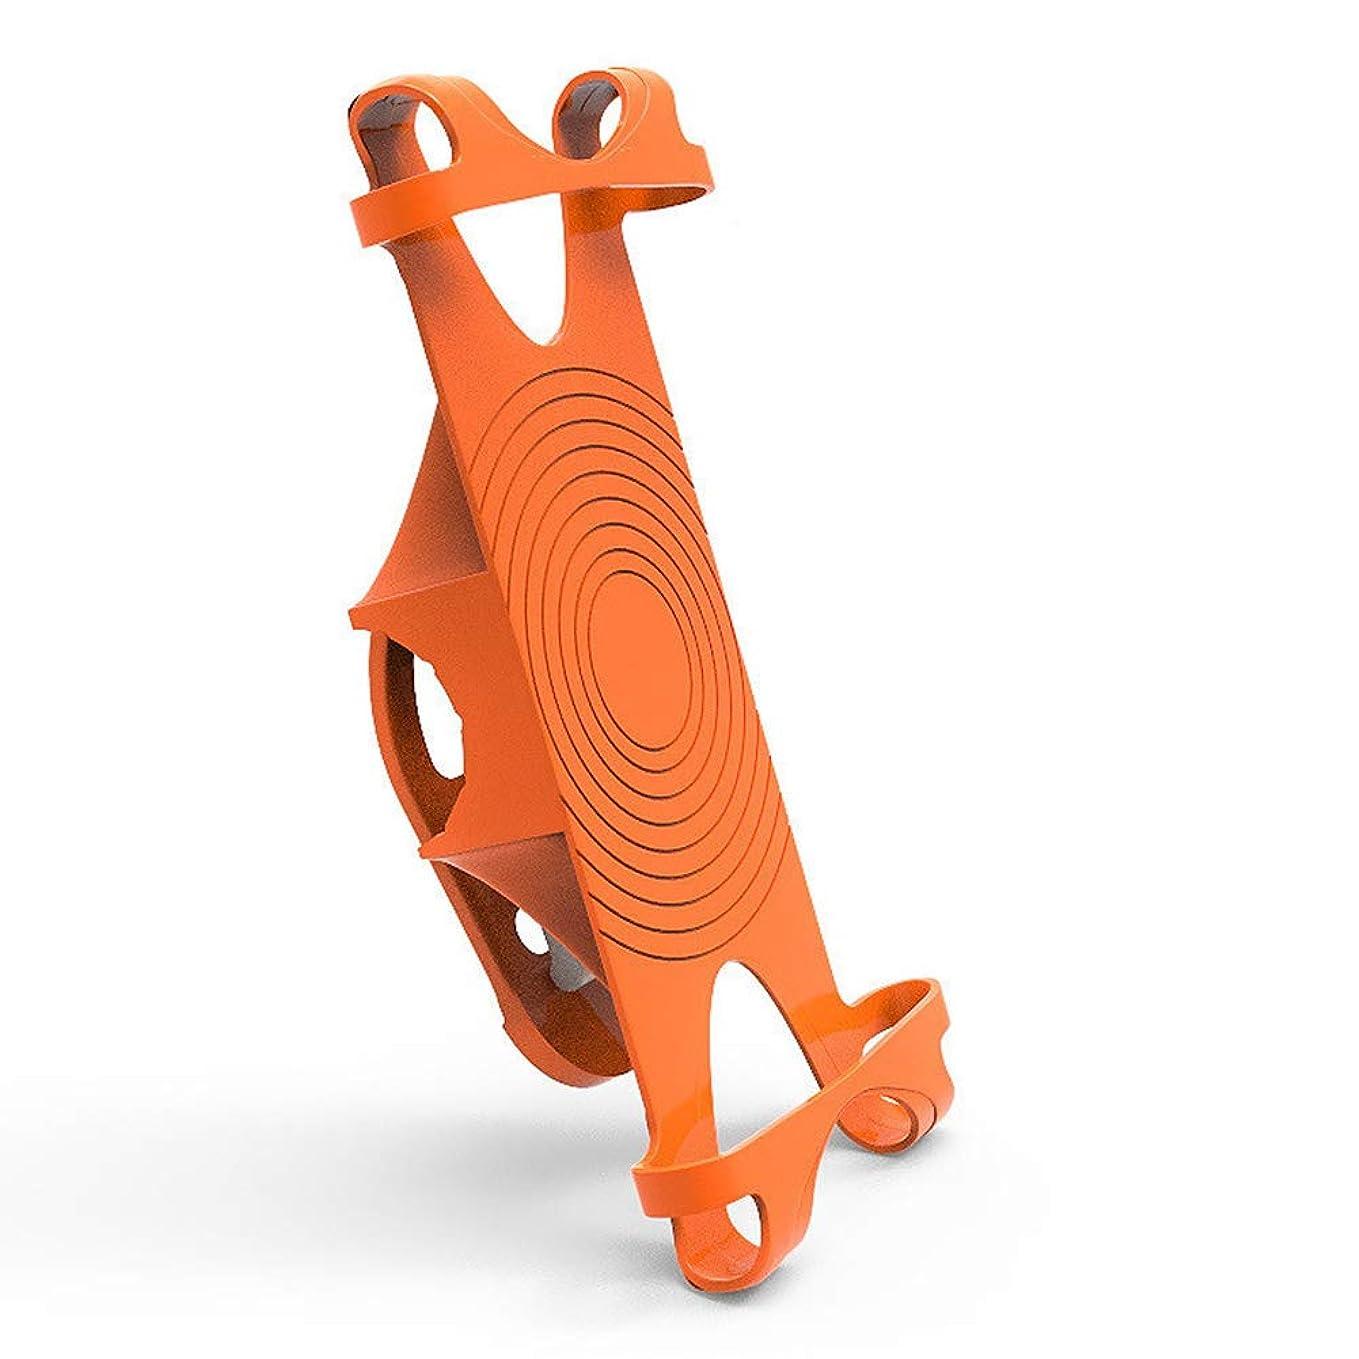 スクラップブックテラスモニター自転車シリコン電話ホルダー ユニバーサル自転車携帯電話ブラケット オートバイ携帯電話ホルダー 自転車電話マウント 4.2-6.5インチの携帯電話に対応